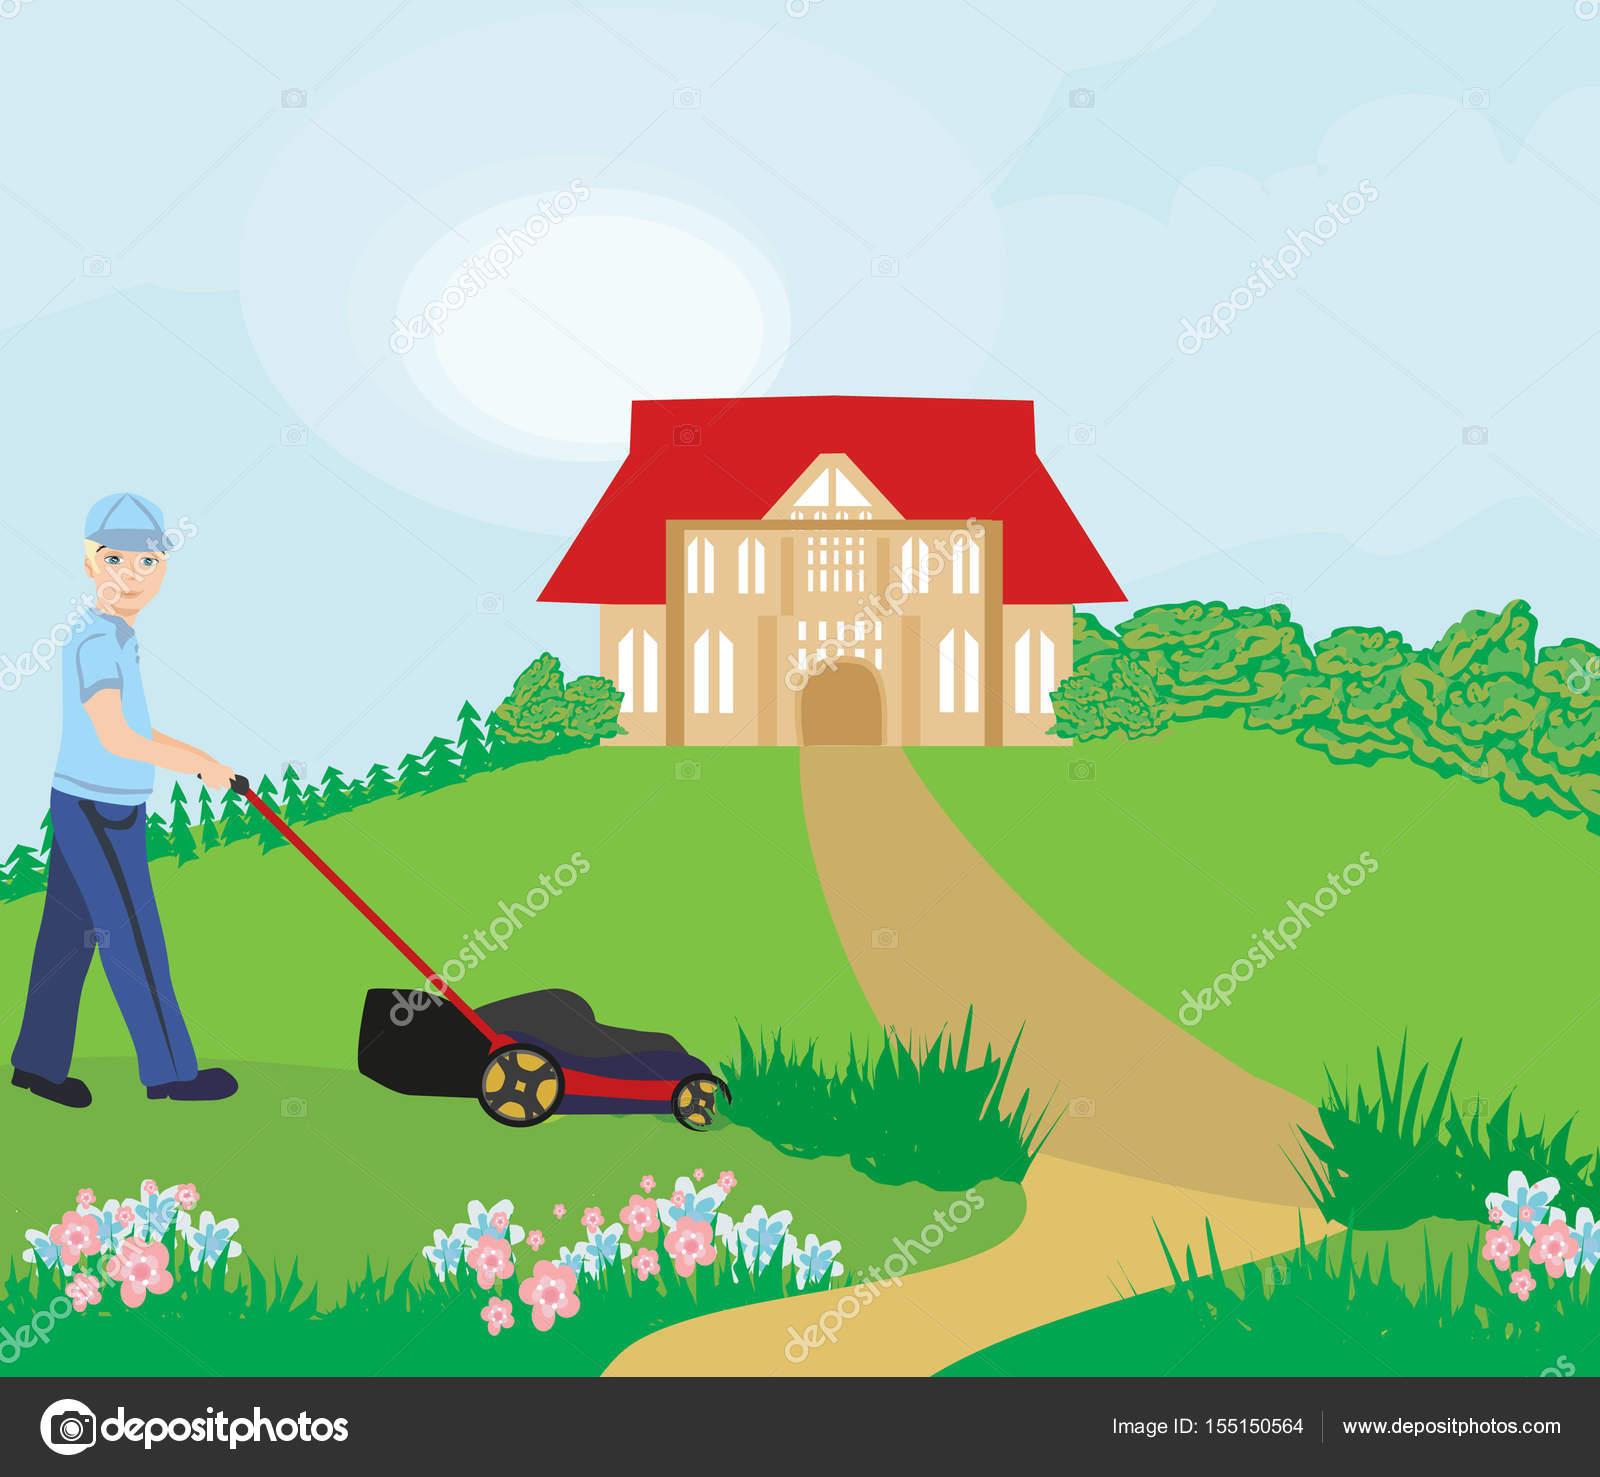 Homme tondre la pelouse image vectorielle jackybrown for Tarif pour tondre pelouse